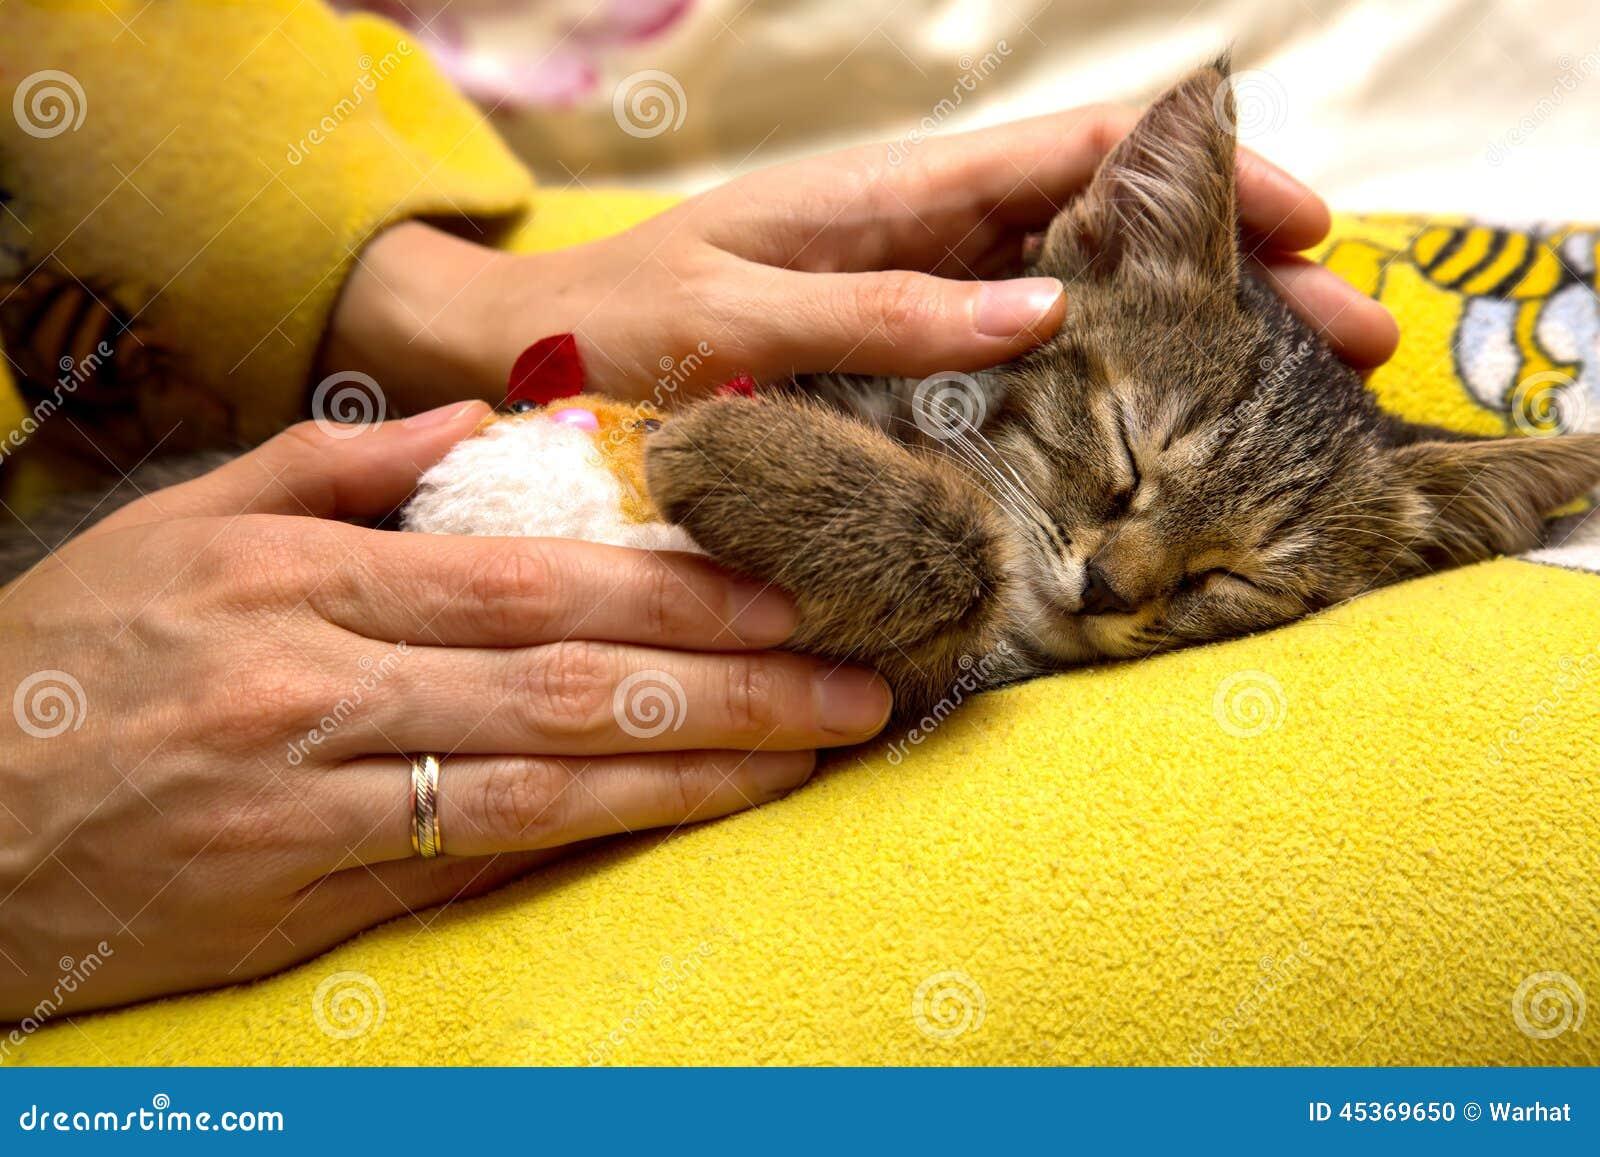 女孩爱抚逗人喜爱的睡觉小猫